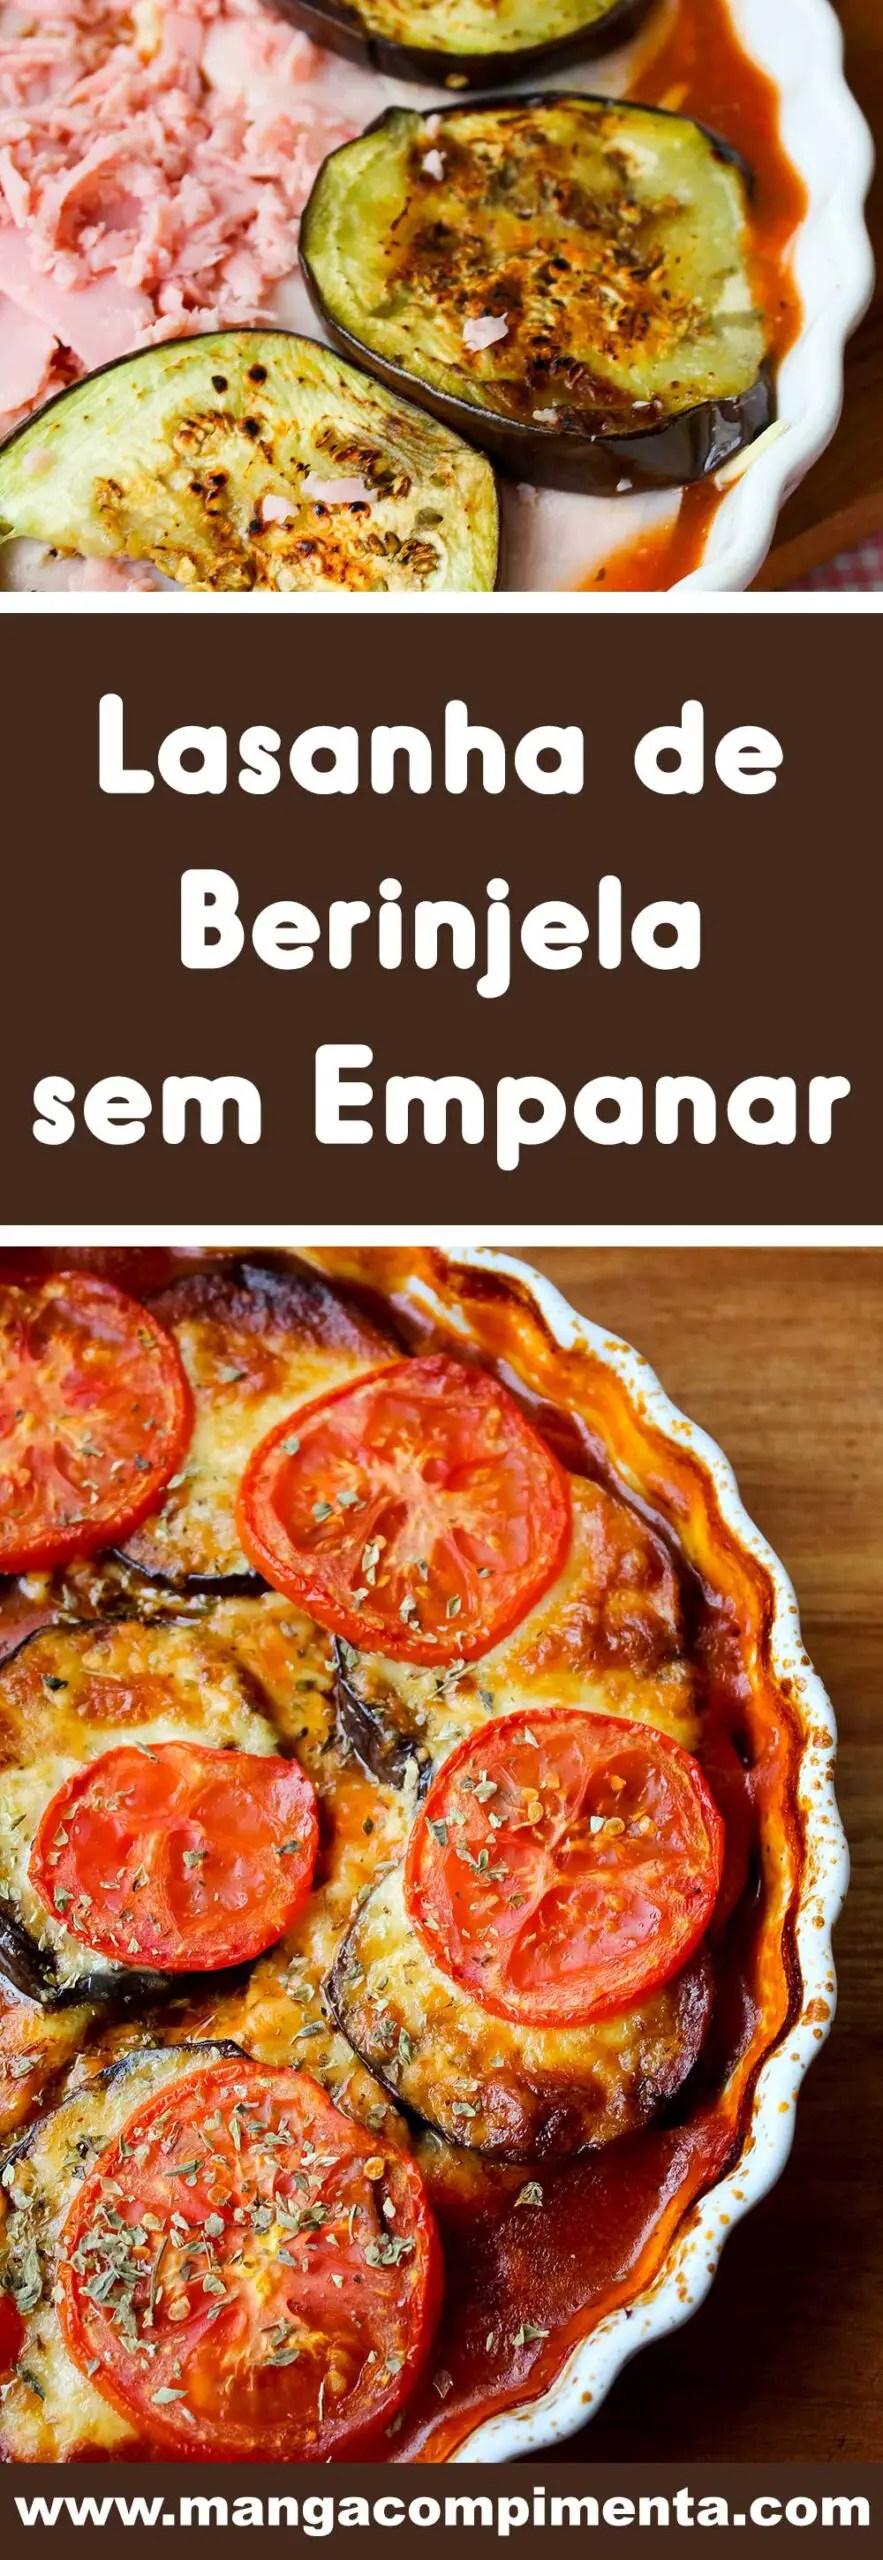 Receita de Lasanha de Berinjela sem Empanar - prepare para servir no almoço de Domingo.